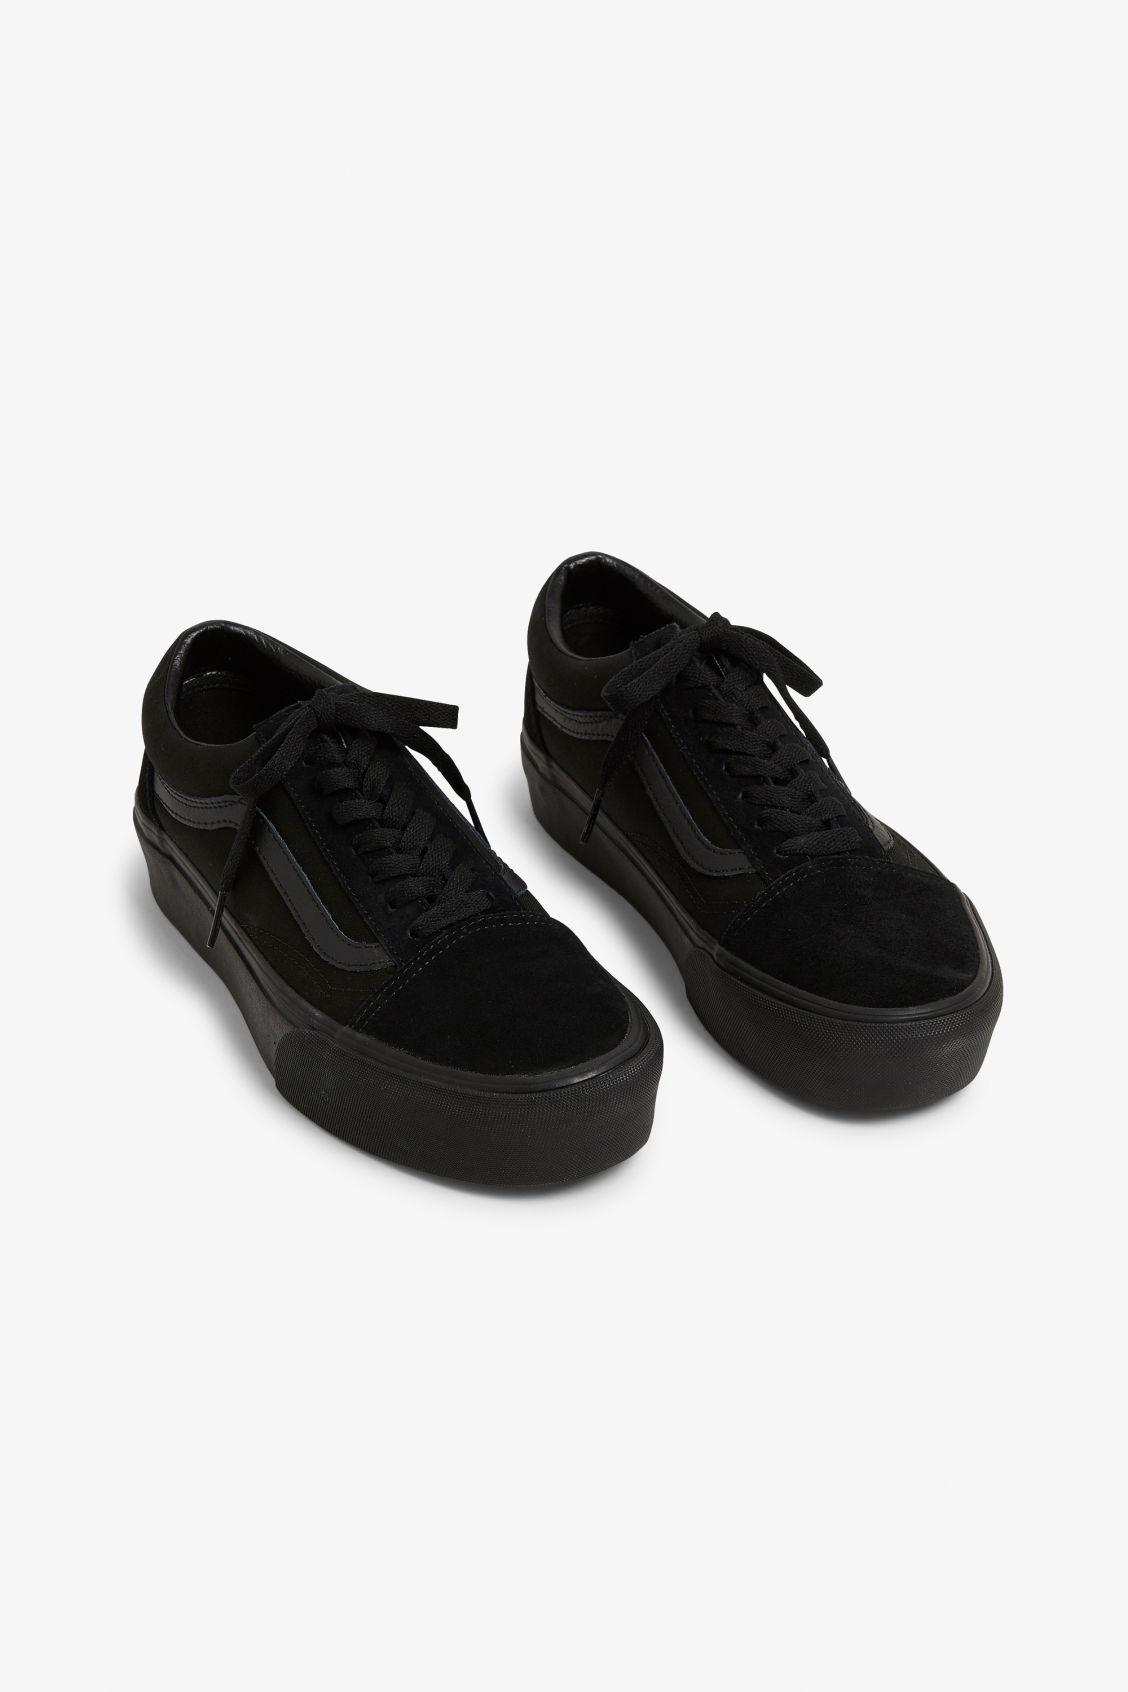 b7d7dc6e8e Vans suede old school - Black magic - Shoes - Monki